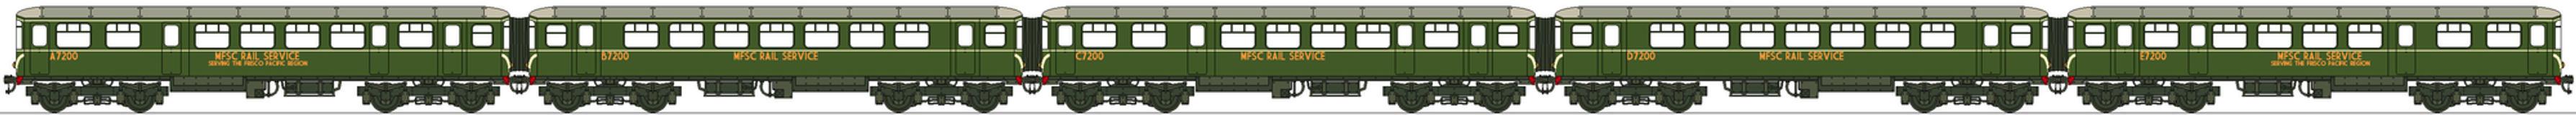 MFSC MU Passenger Diesel 1951 by Lapeer